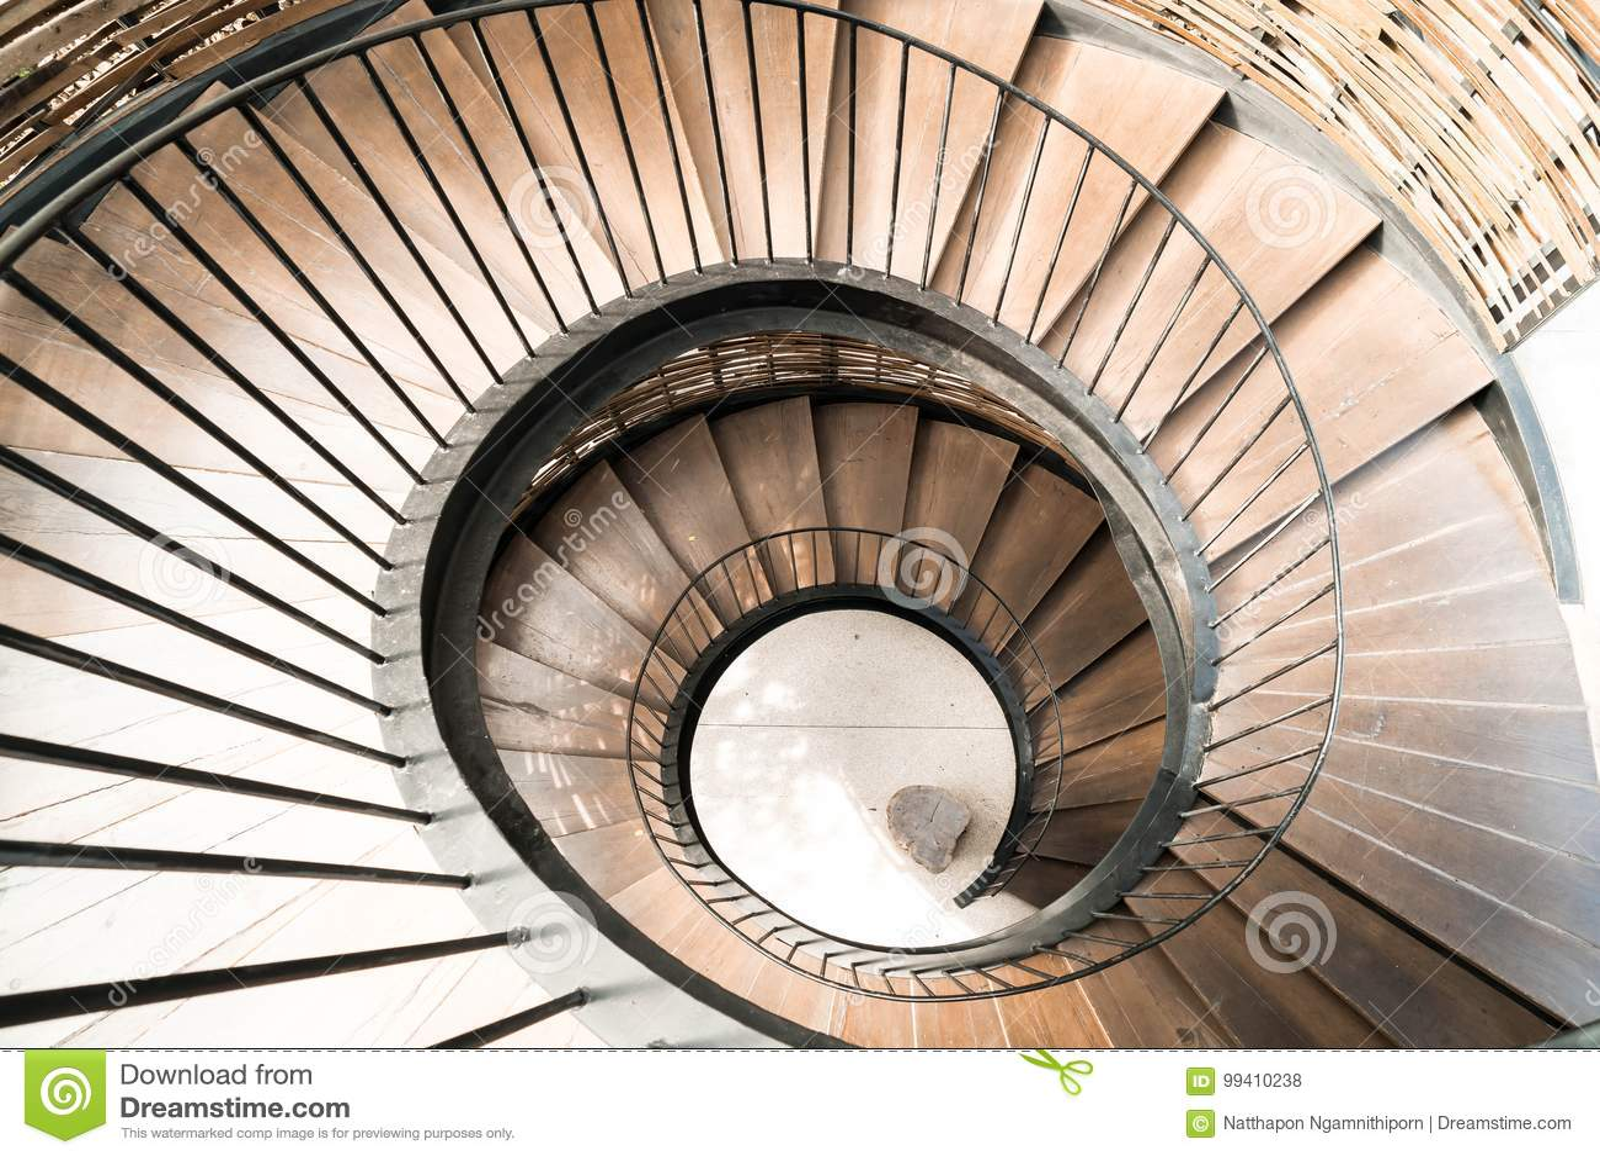 Intérieur En Spirale De Décoration D\'escalier De Cercle ...